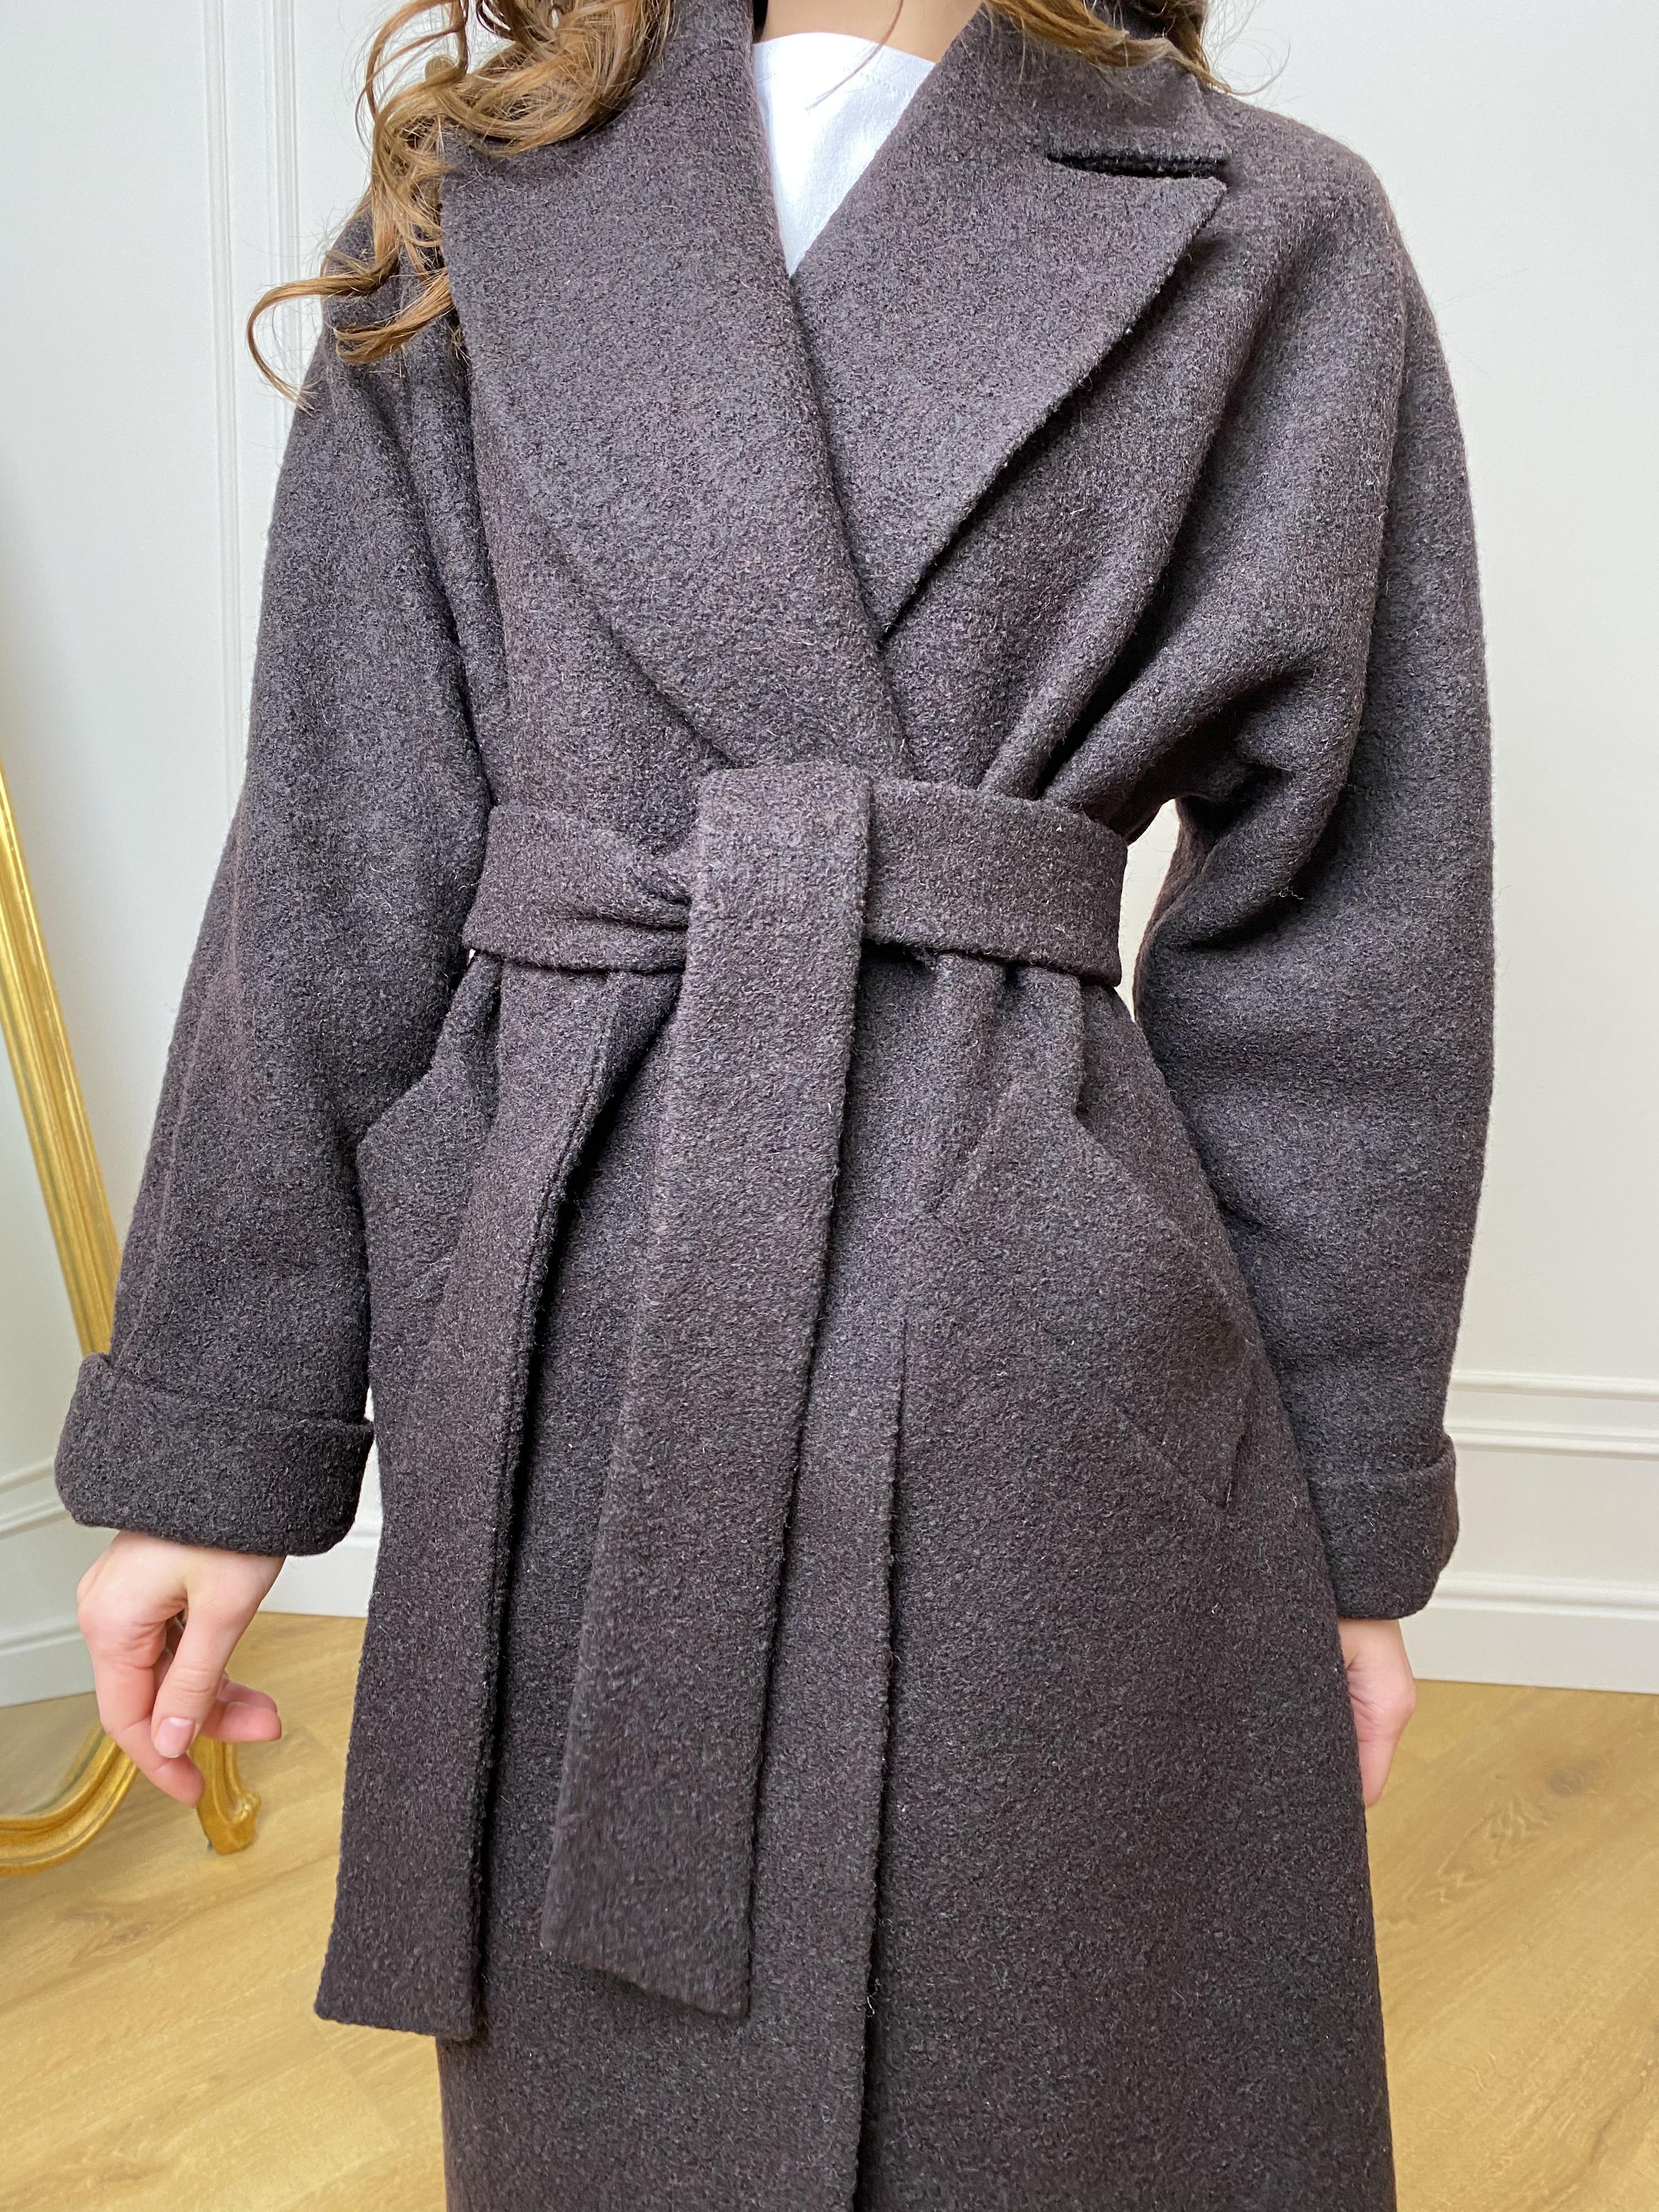 Влада баритон  пальто  из пальтовой ткани 10313 АРТ. 46630 Цвет: Шоколад - фото 7, интернет магазин tm-modus.ru